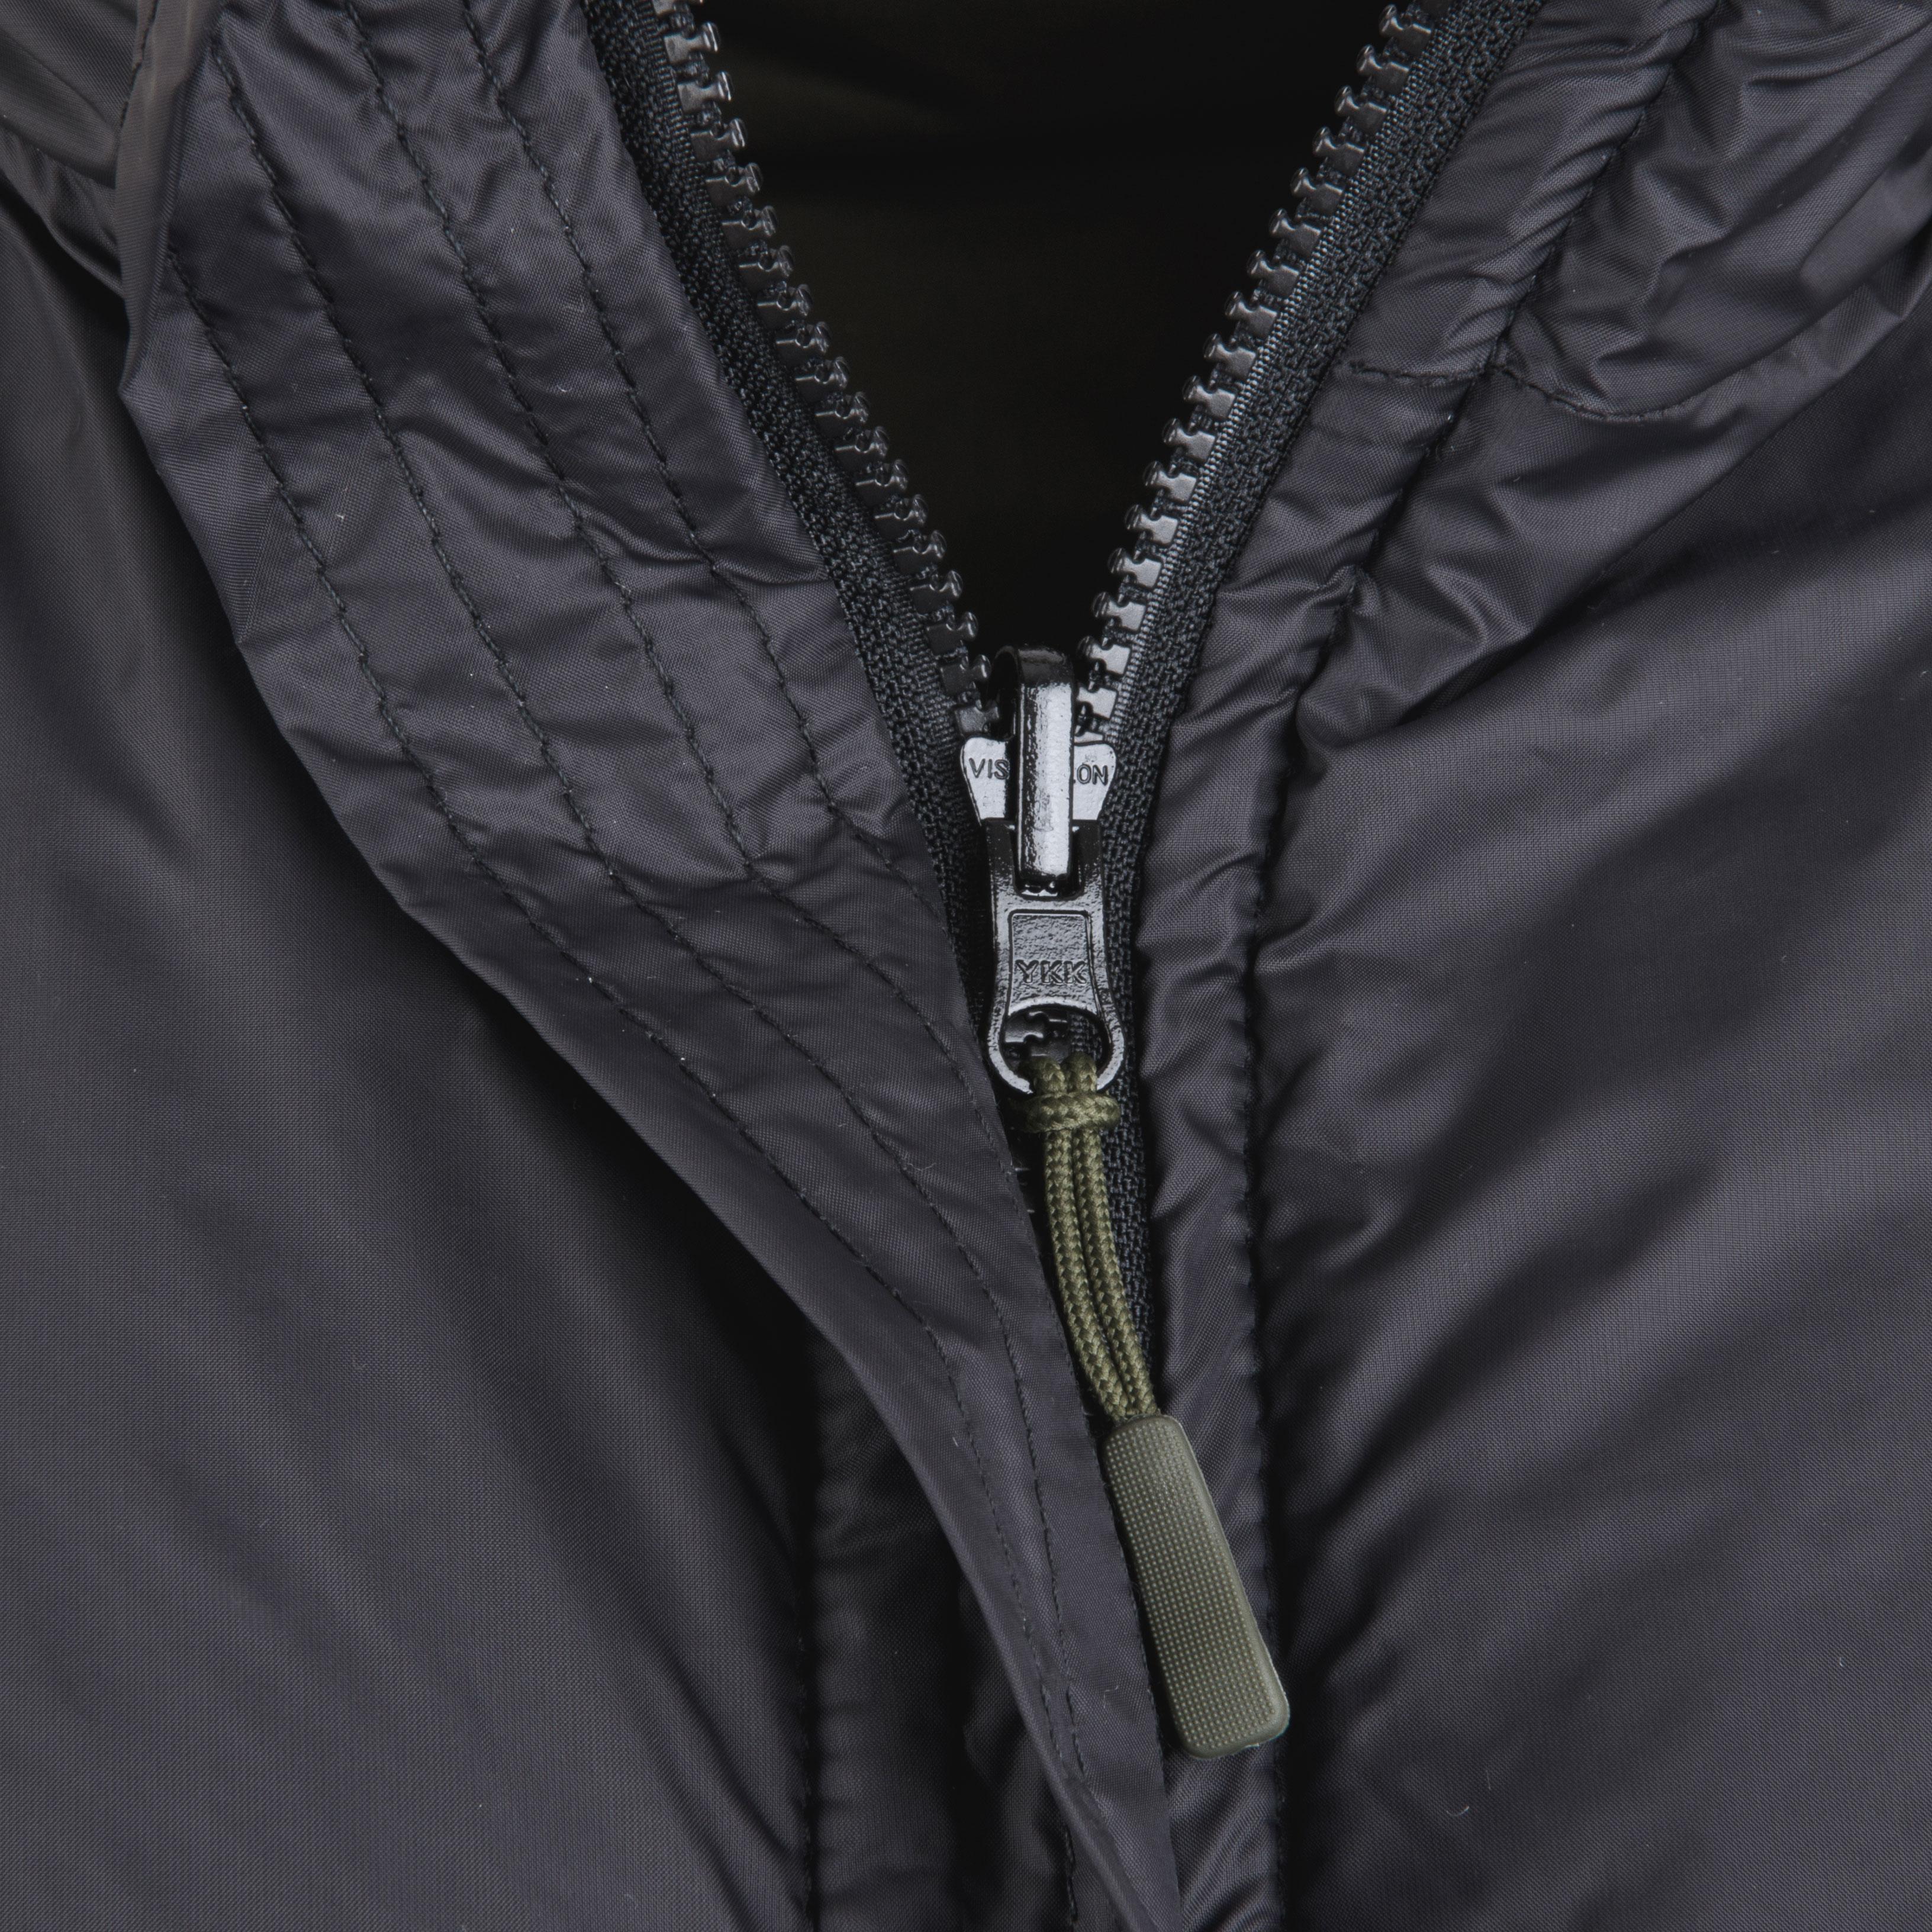 Snugpak Sleeka Reversible Jacket//Coat ® Lightweight Windproof Water Repellent